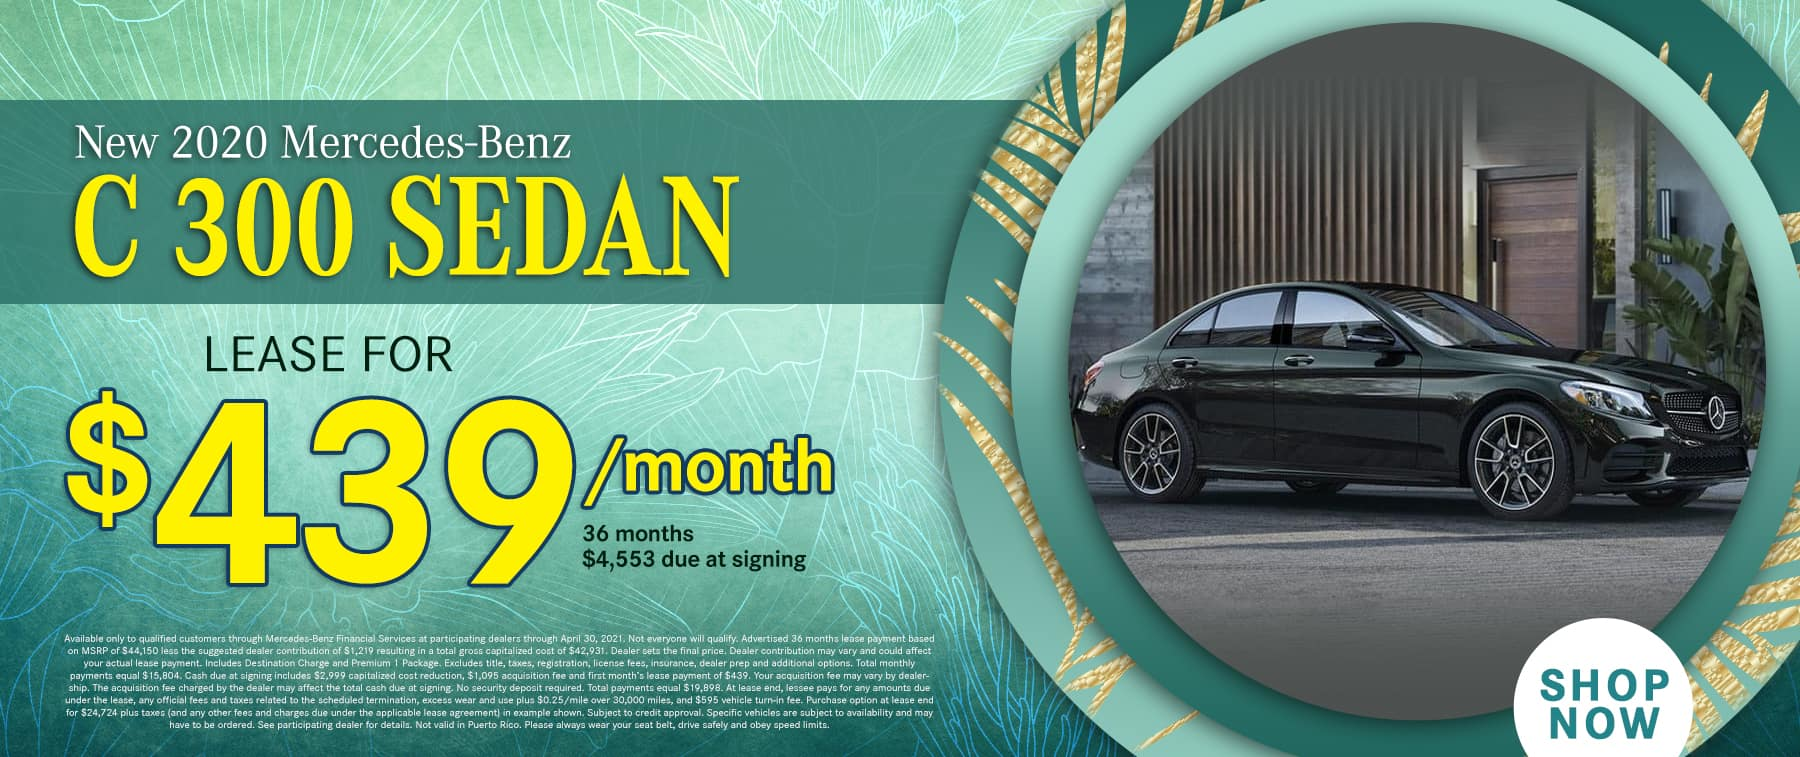 2020 C 300 Sedan lease for $439